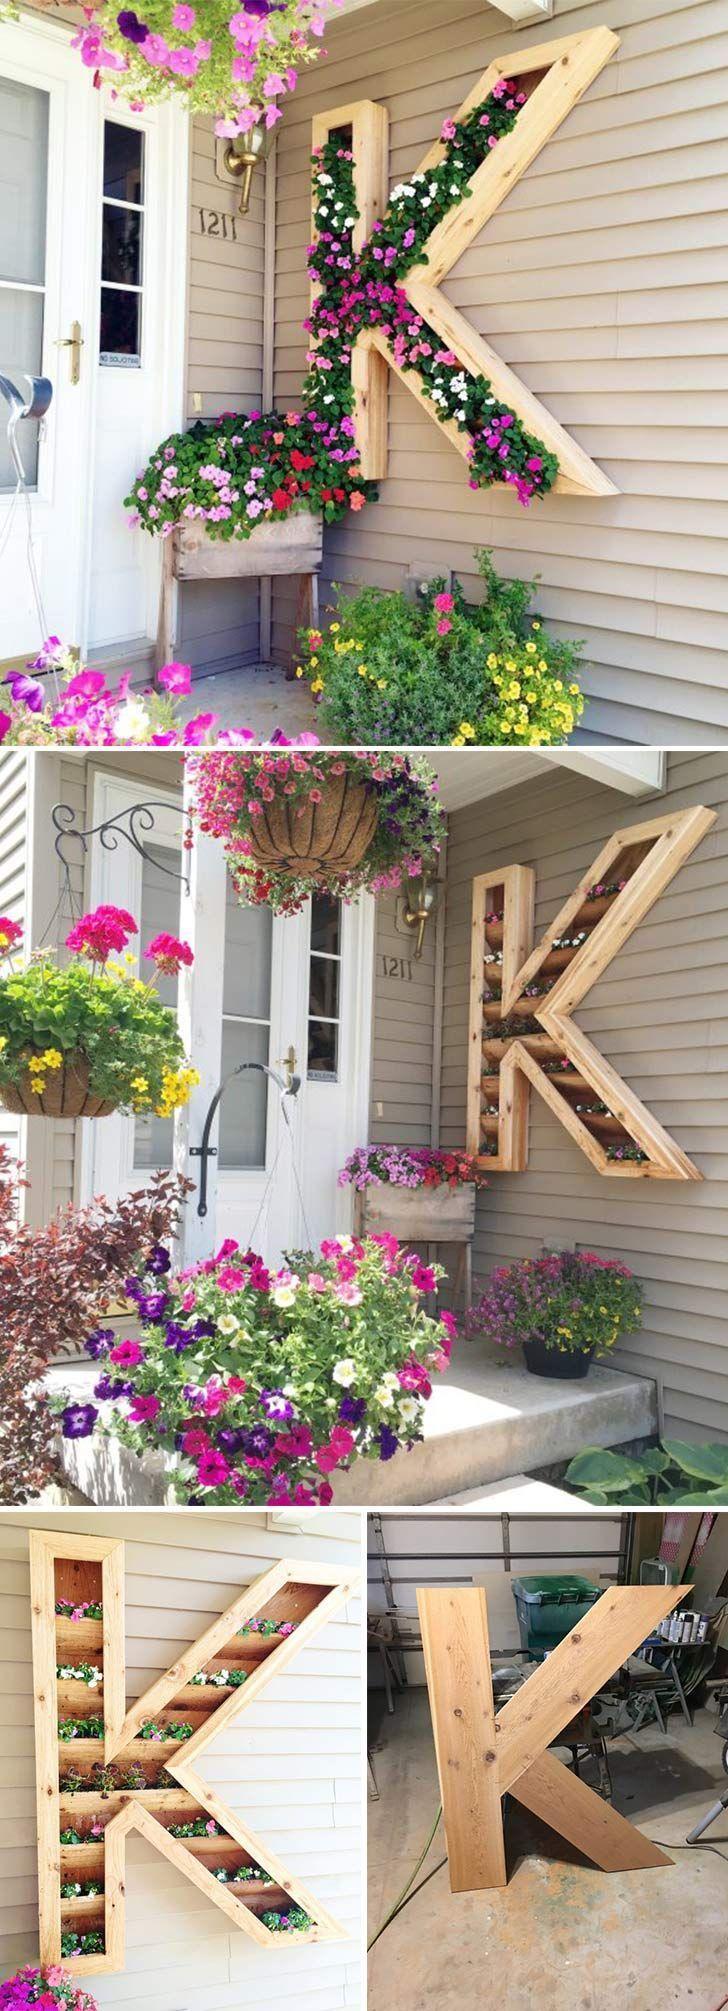 DIY Monogramm Pflanzer. Klicken Sie auf das Bild, um mehr Wohnkultur DIY Handwerk und Ideen zu sehen – Jill M.